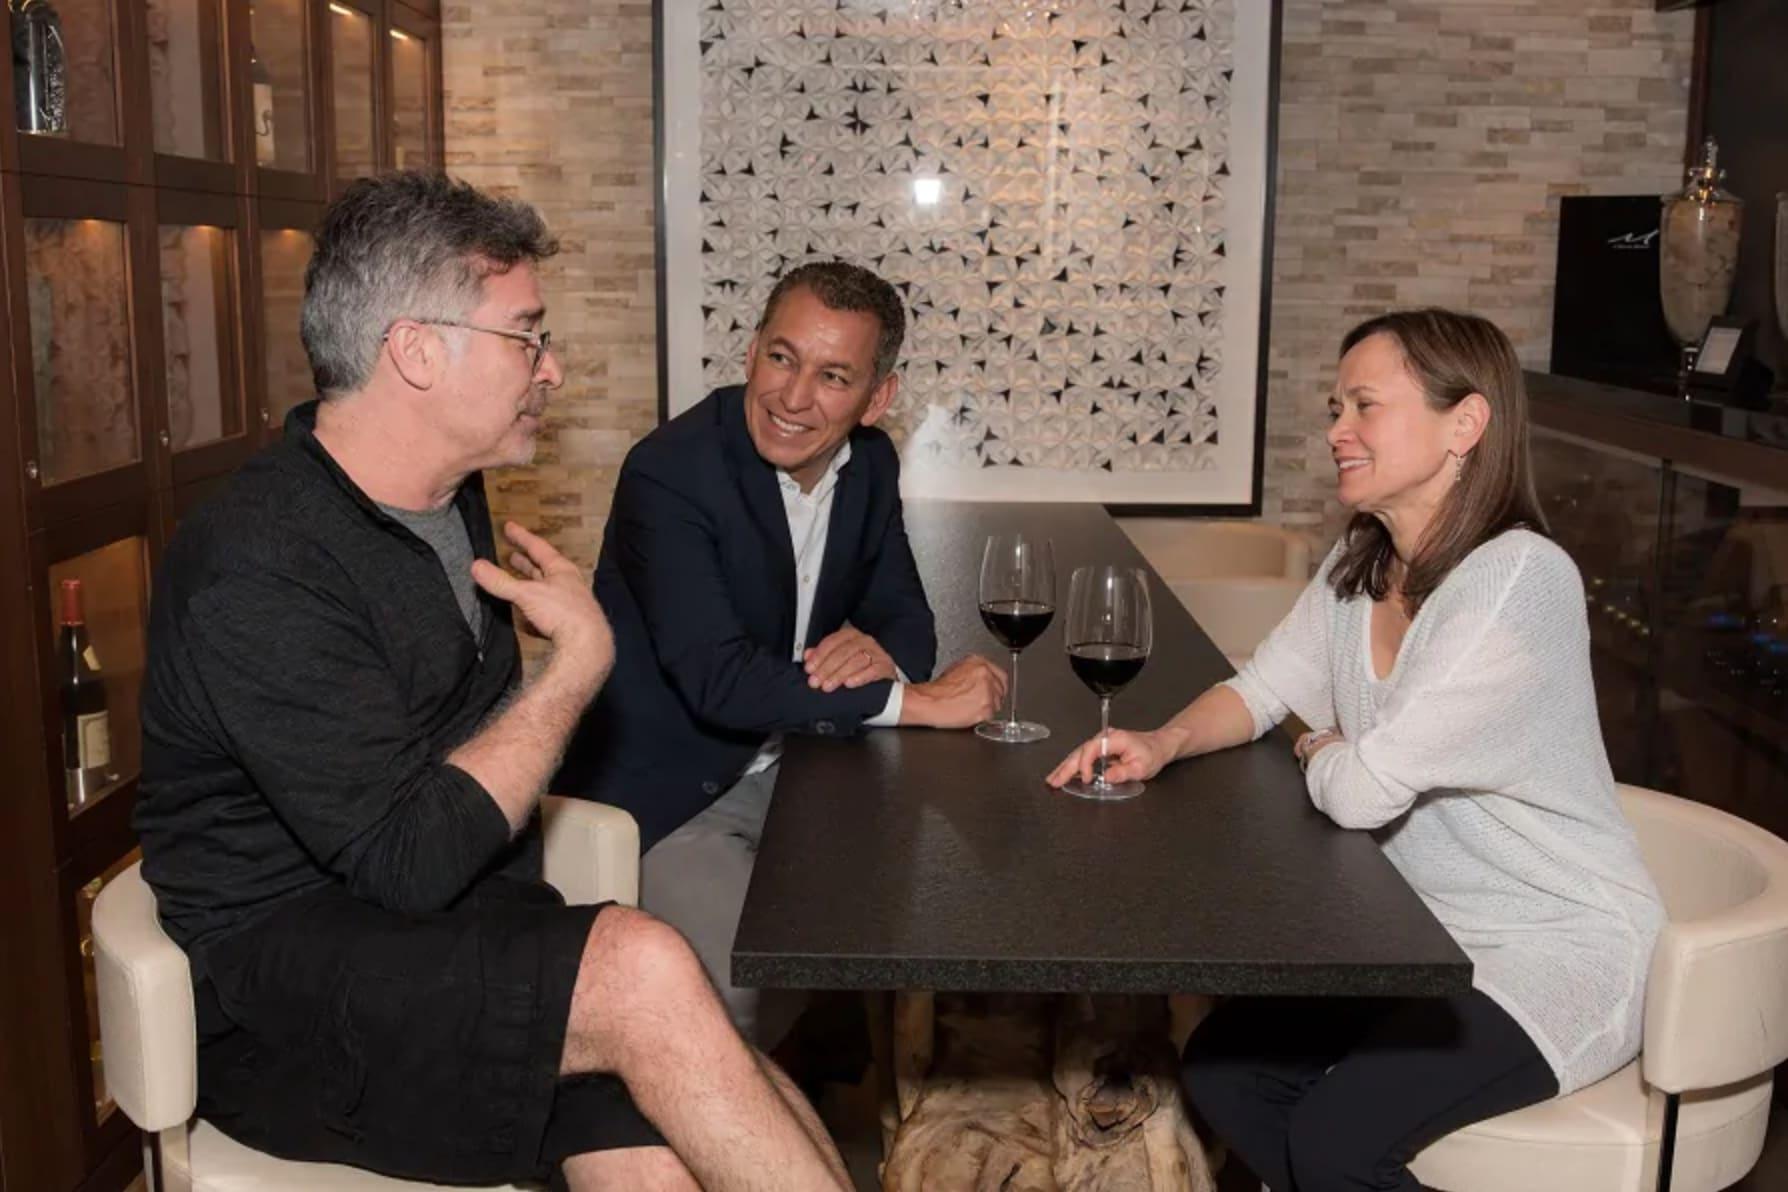 ノルウェージャン、2019–20のワインクルーズを発表